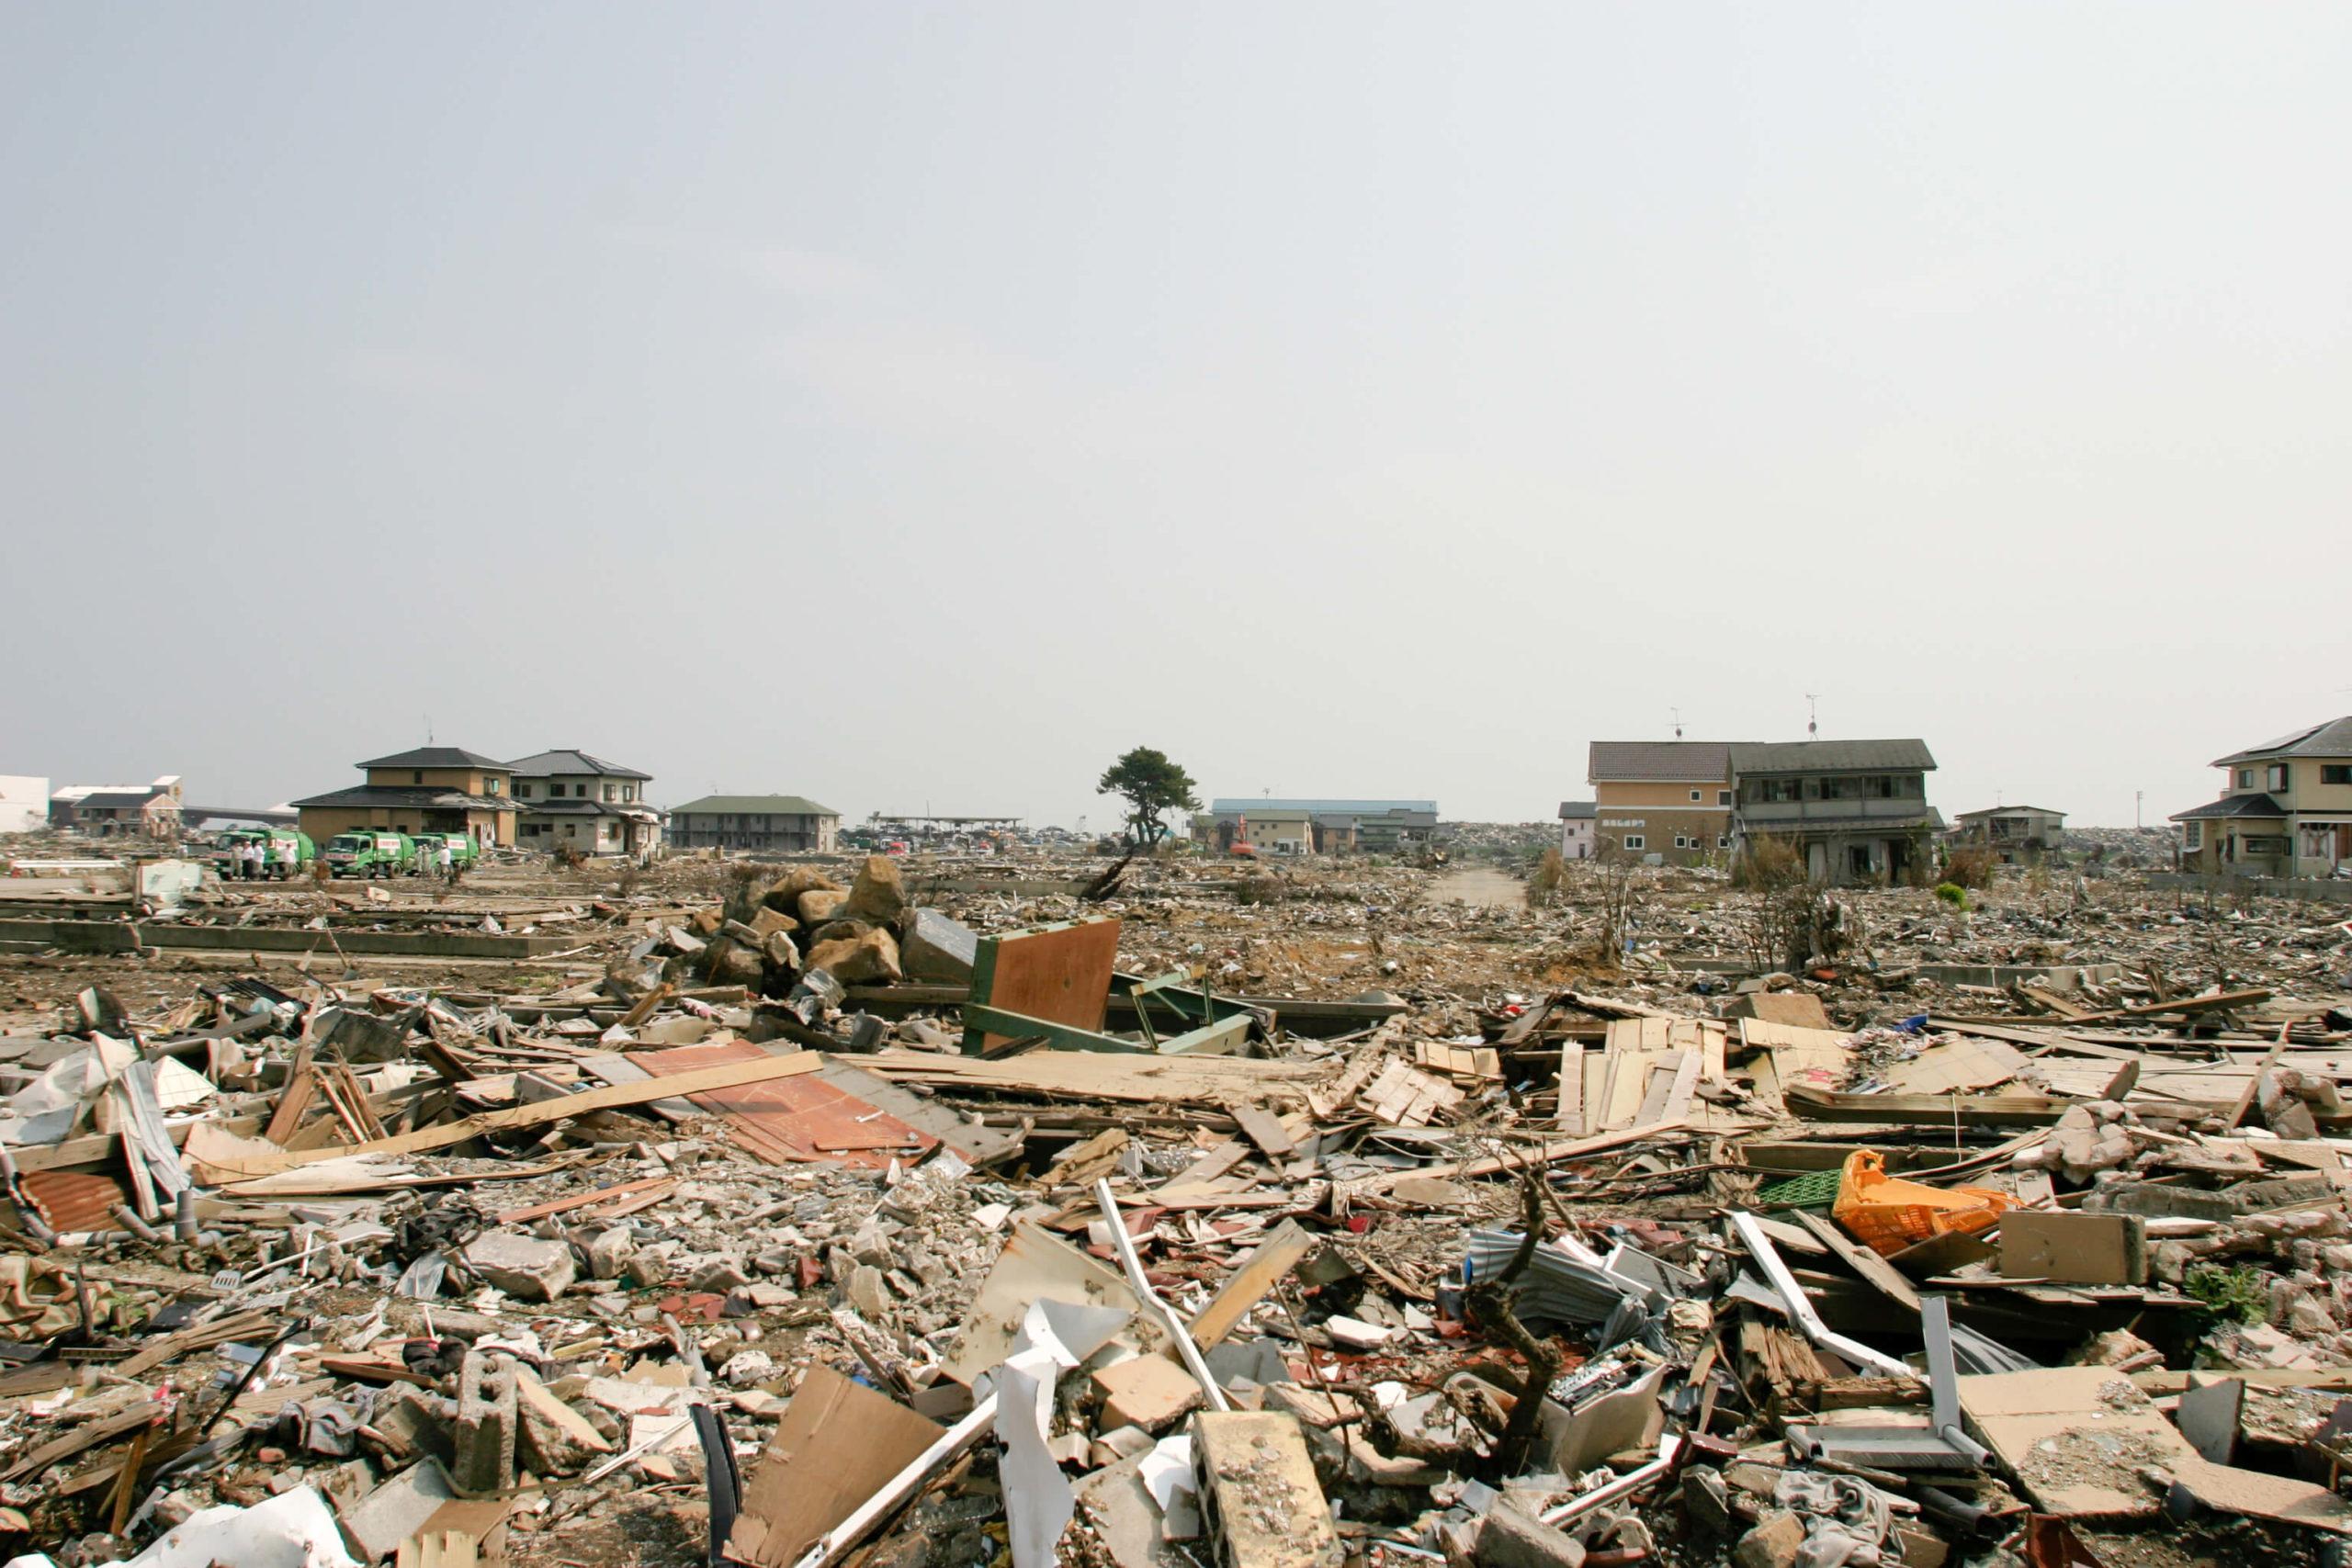 Tohoku after the 2011 tsunami